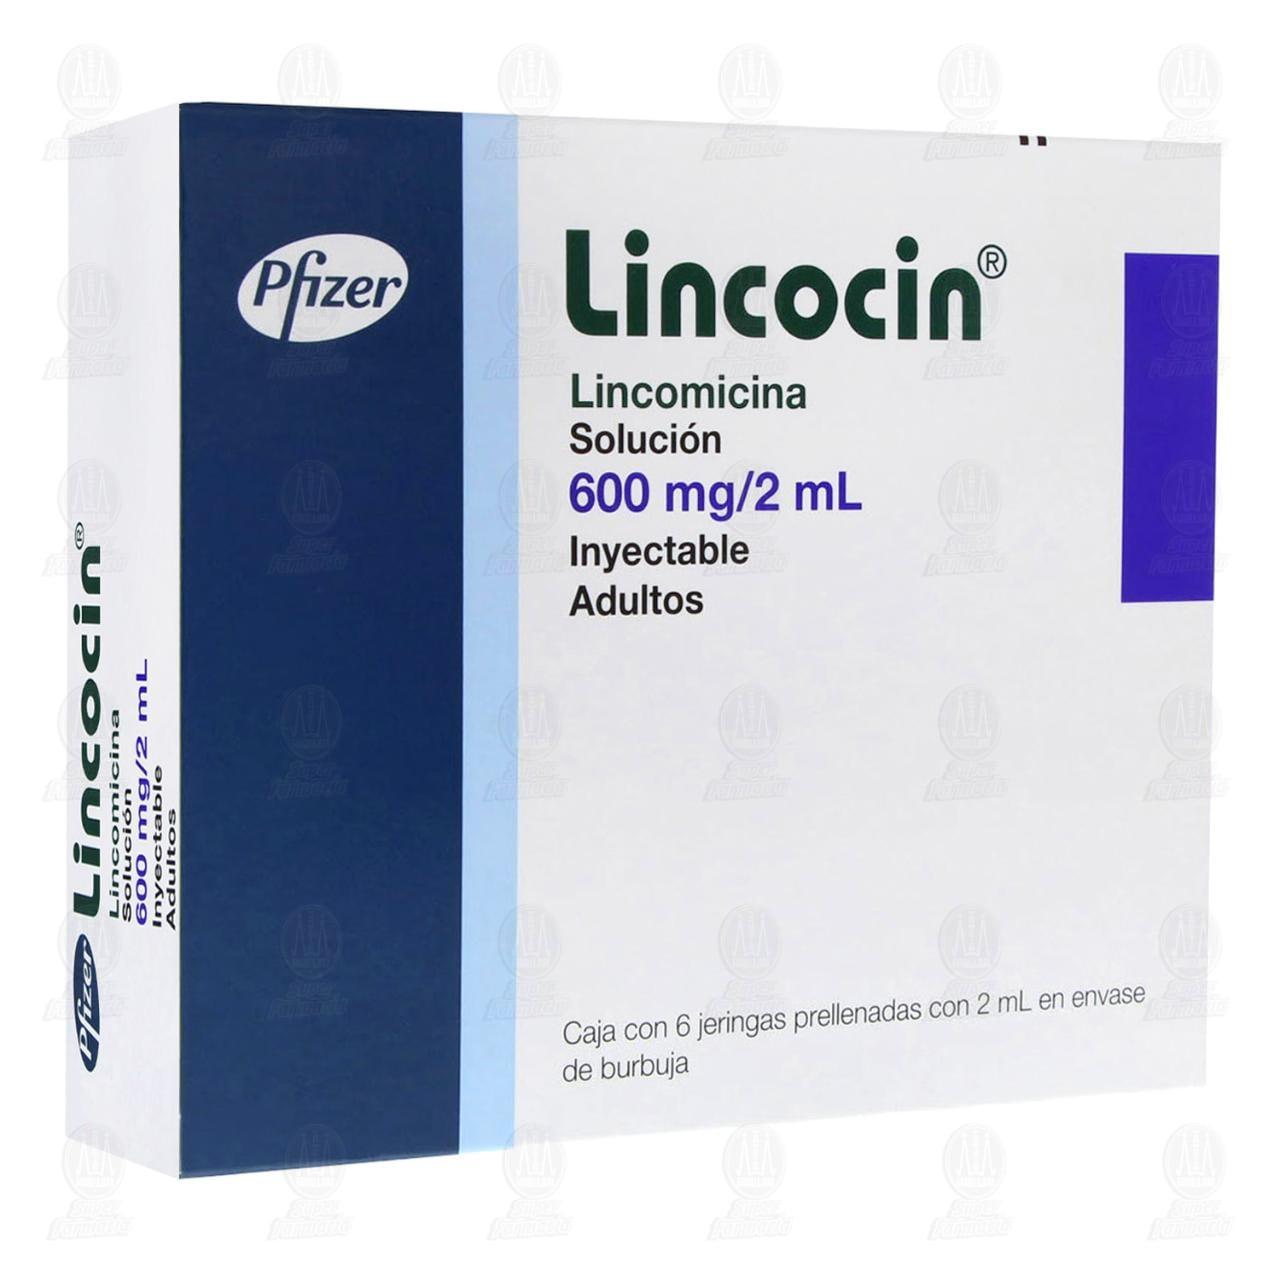 Comprar Lincocin 600mg/2ml 6 Jeringas Prellenadas en Farmacias Guadalajara